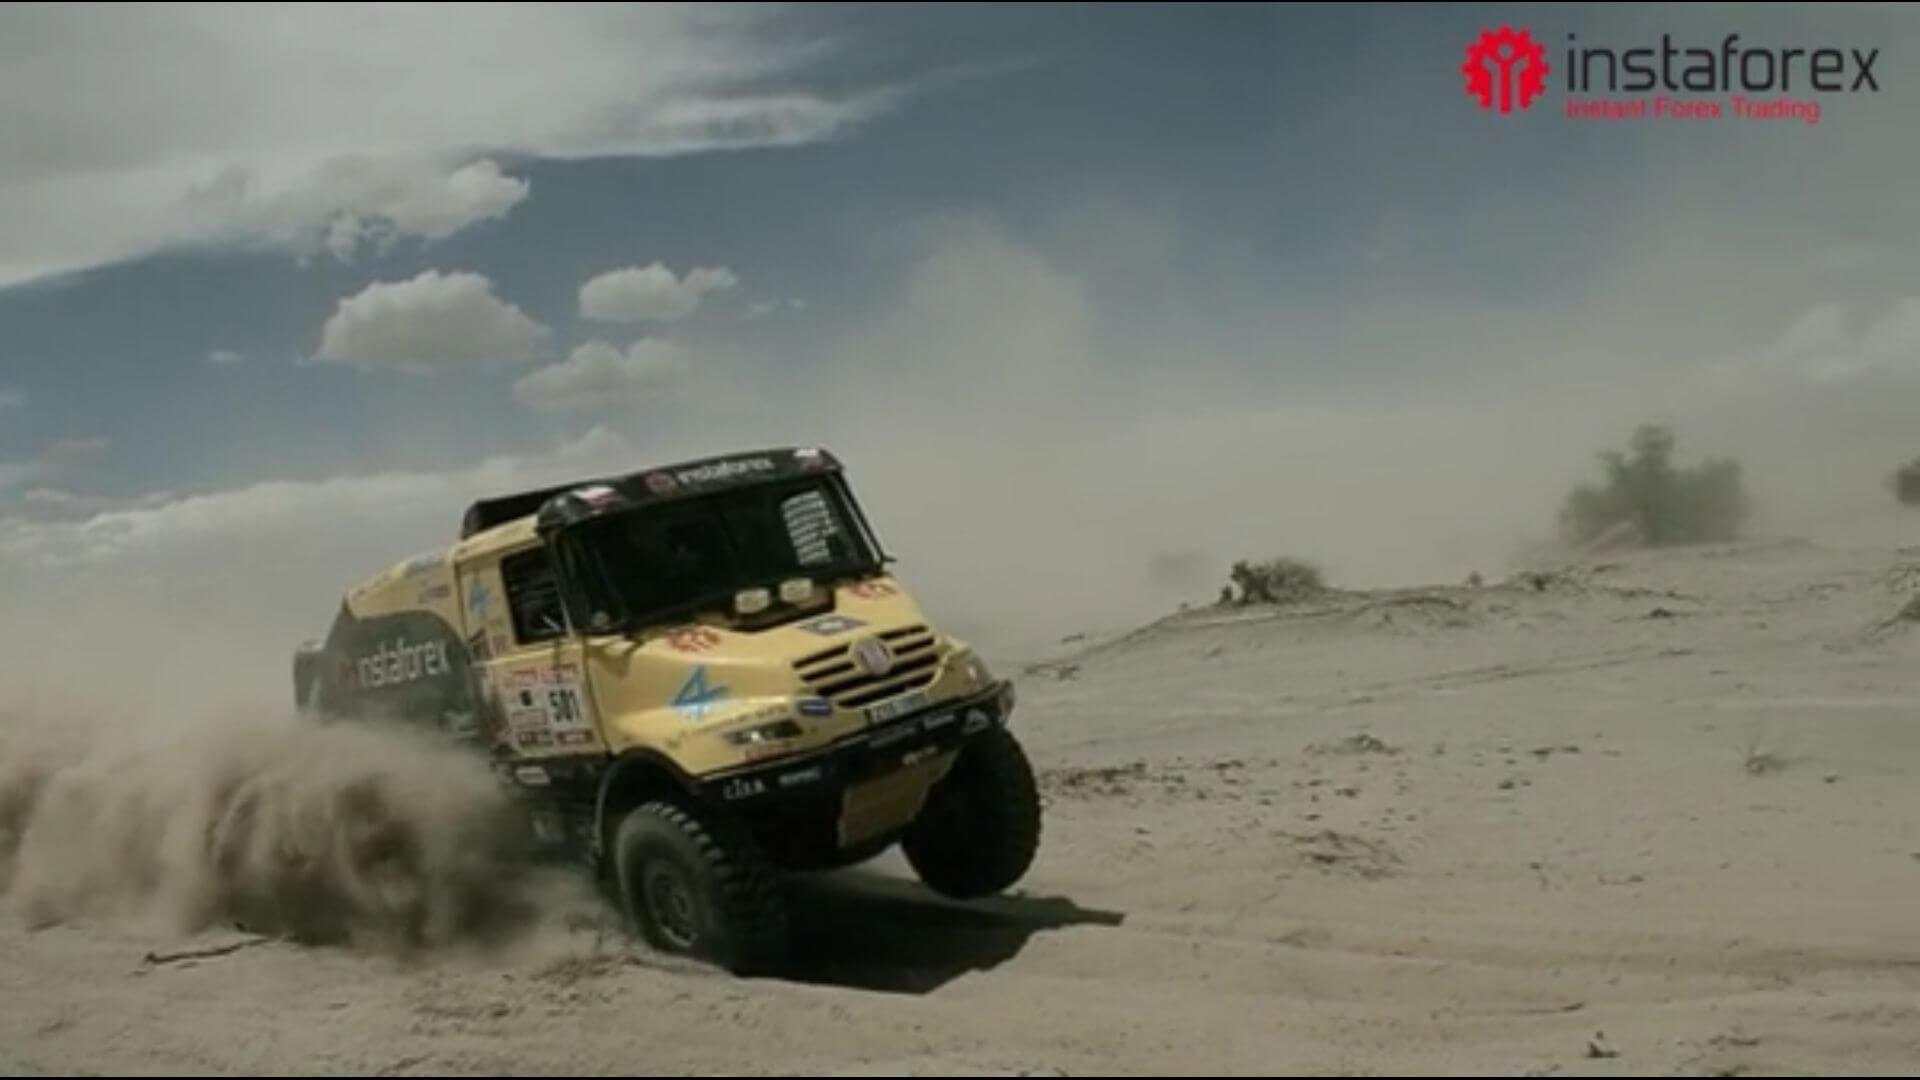 Wawancara dengan Ales Loprais selama Dakar 2012